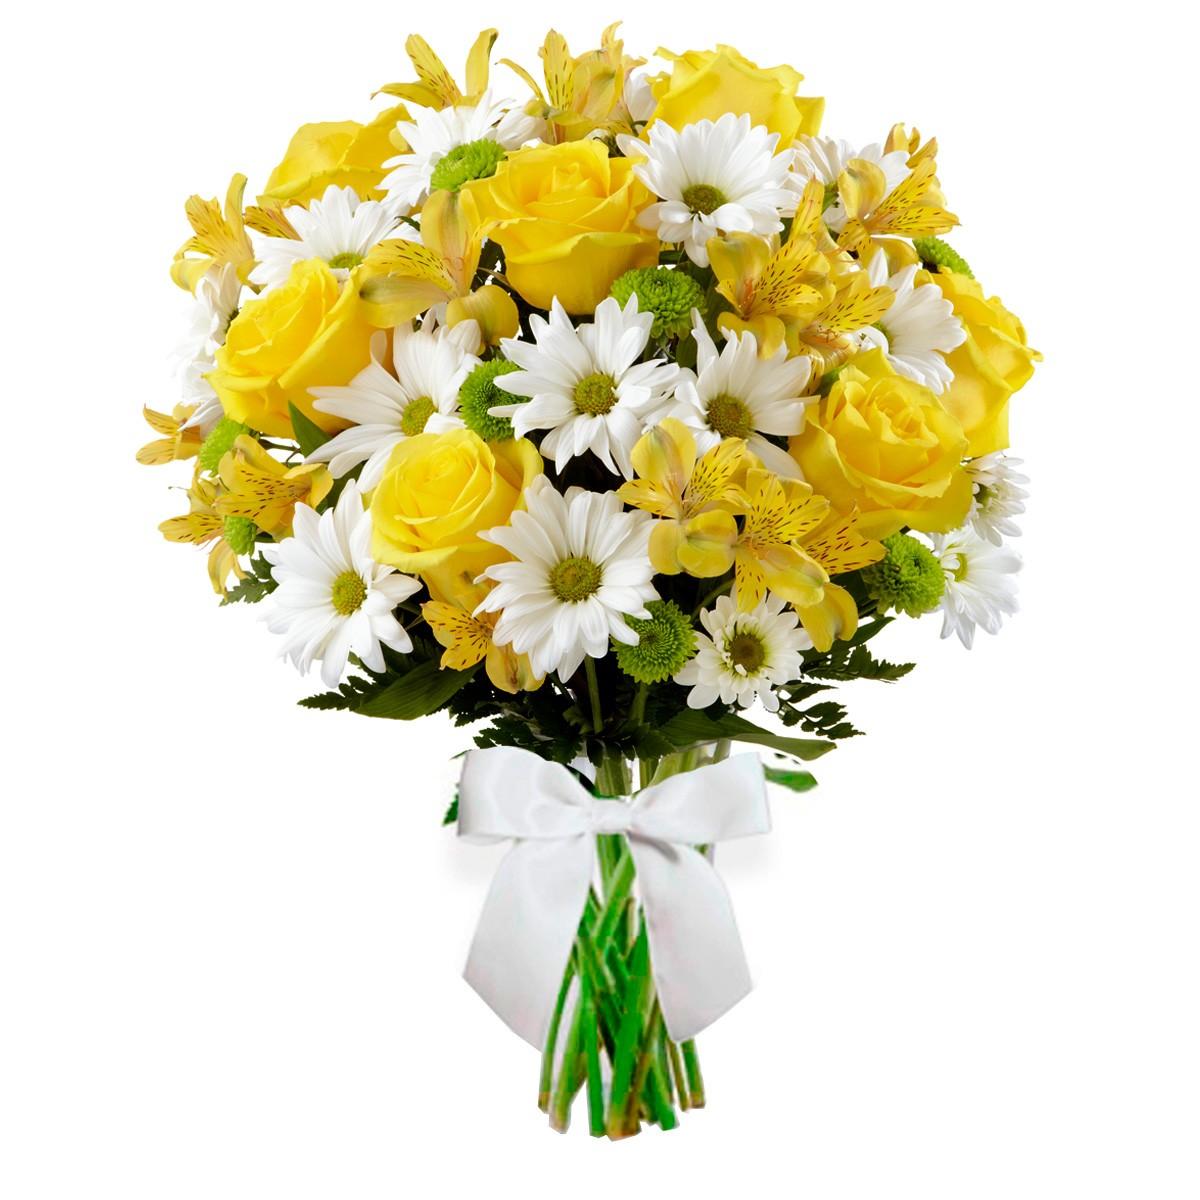 Buque Radiante - Flores em tons de amarelo